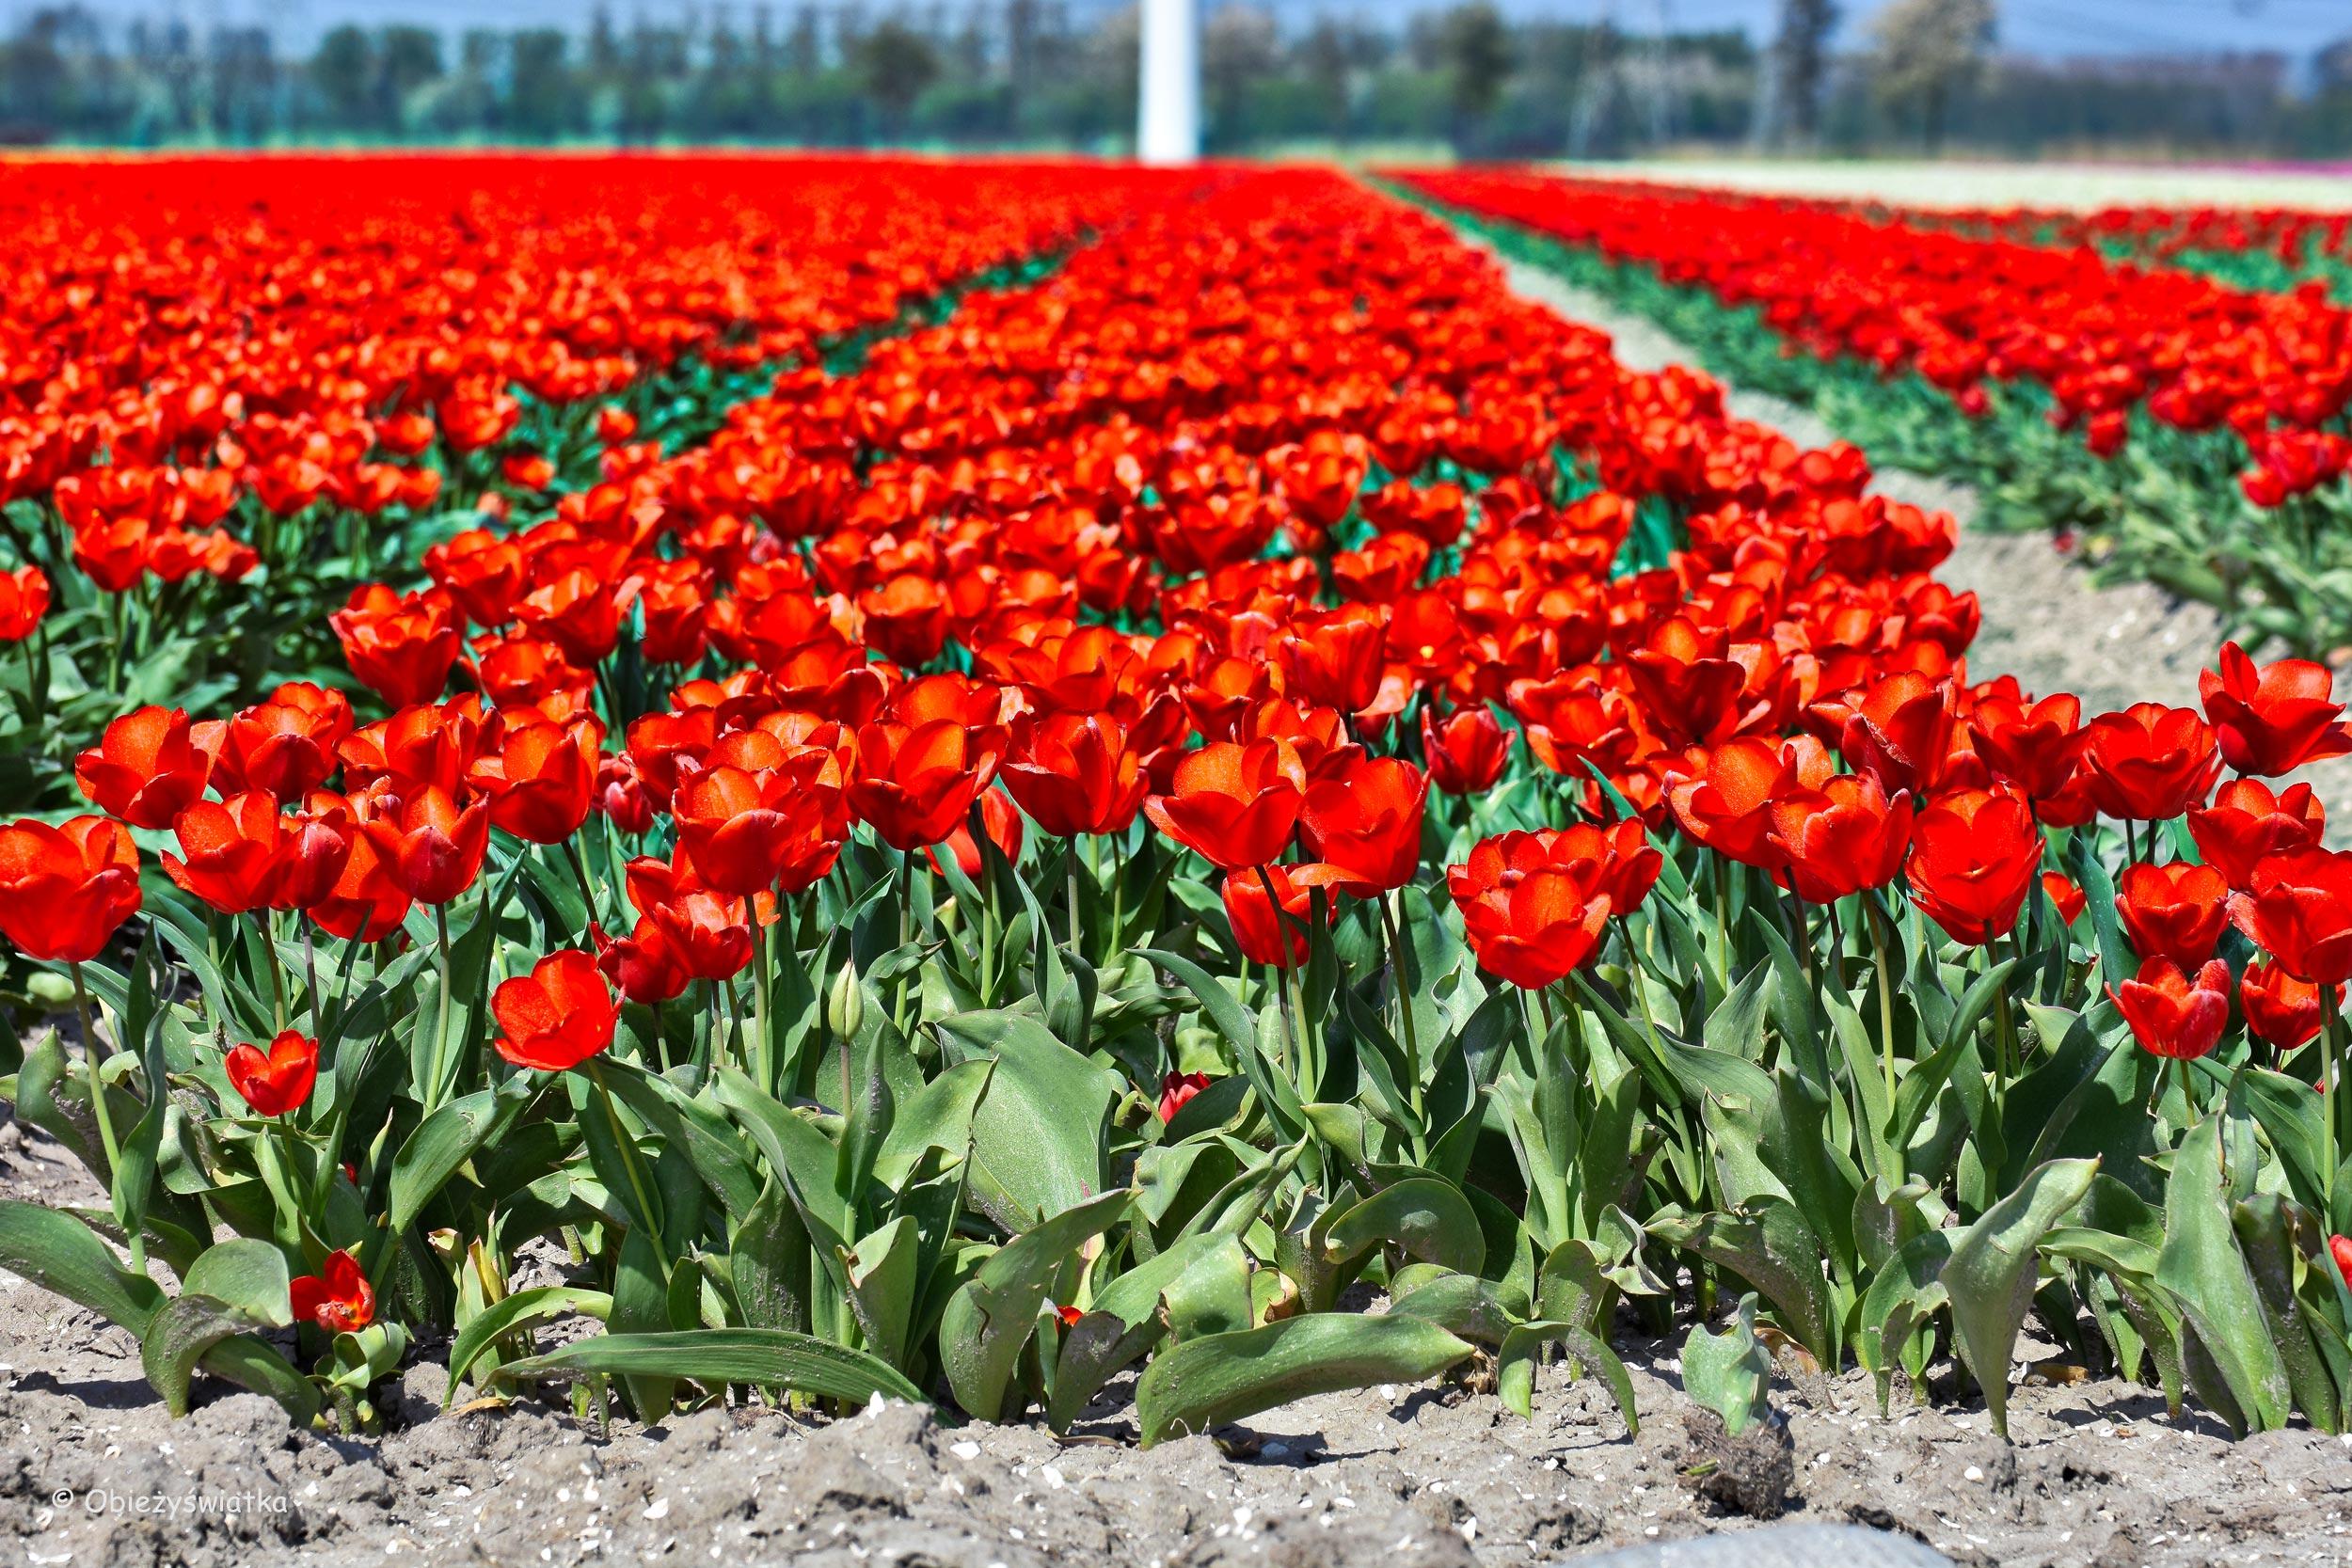 ulipanowe pola - czerwieni pod dostatkiem ;)